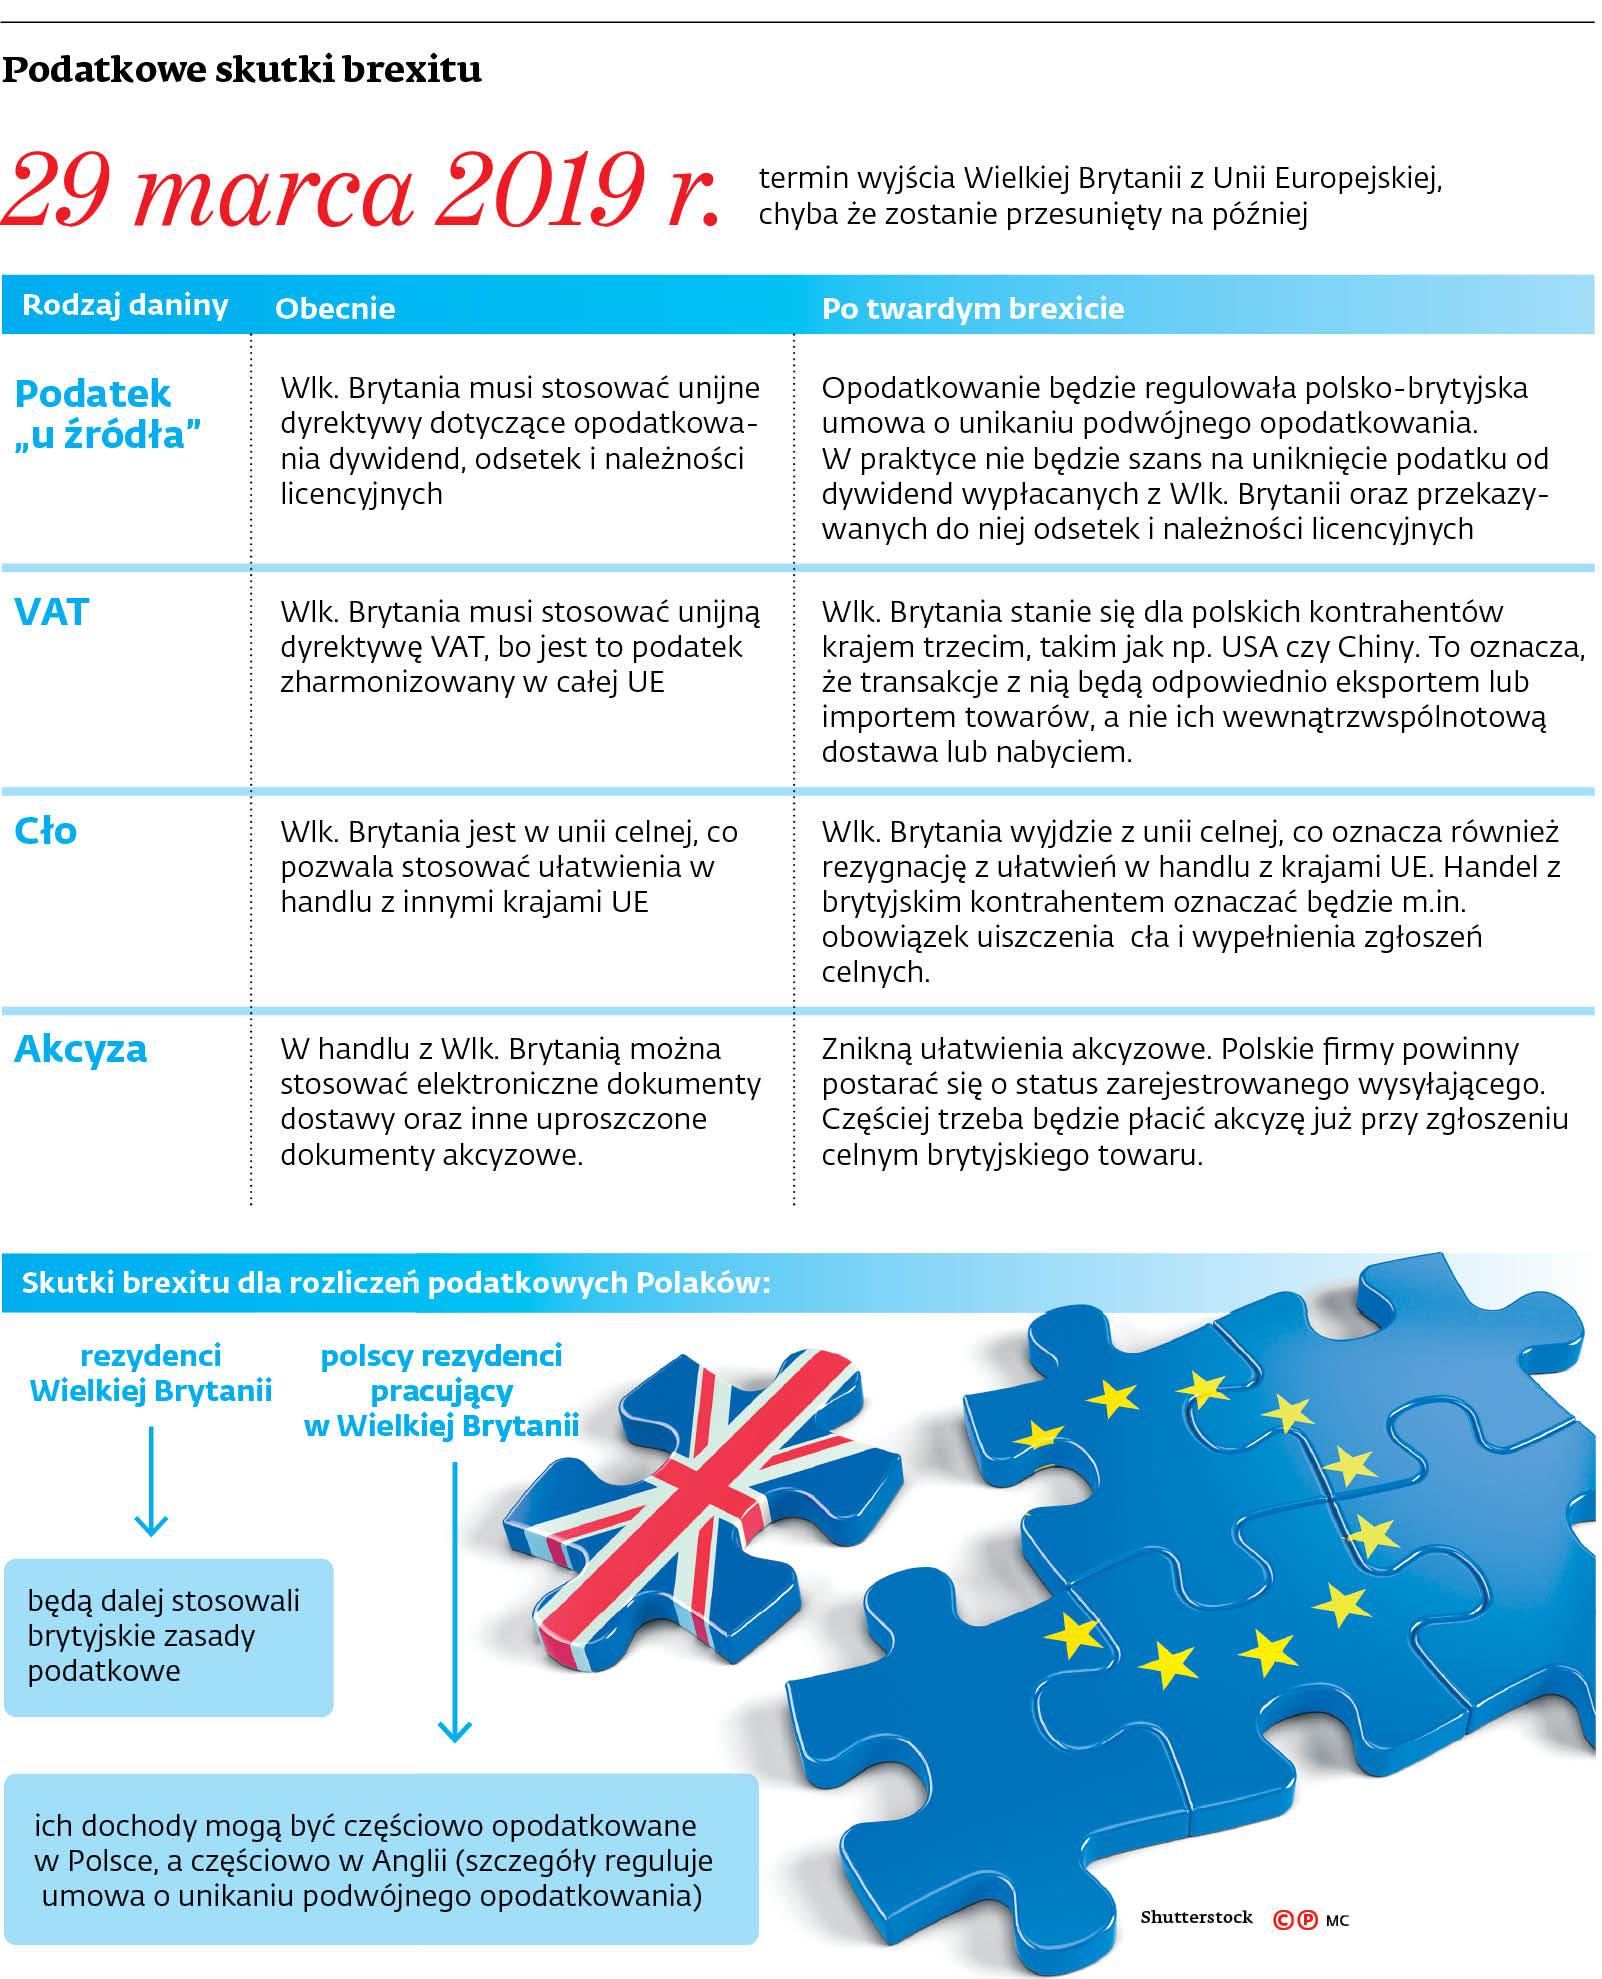 Podatkowe skutki brexitu